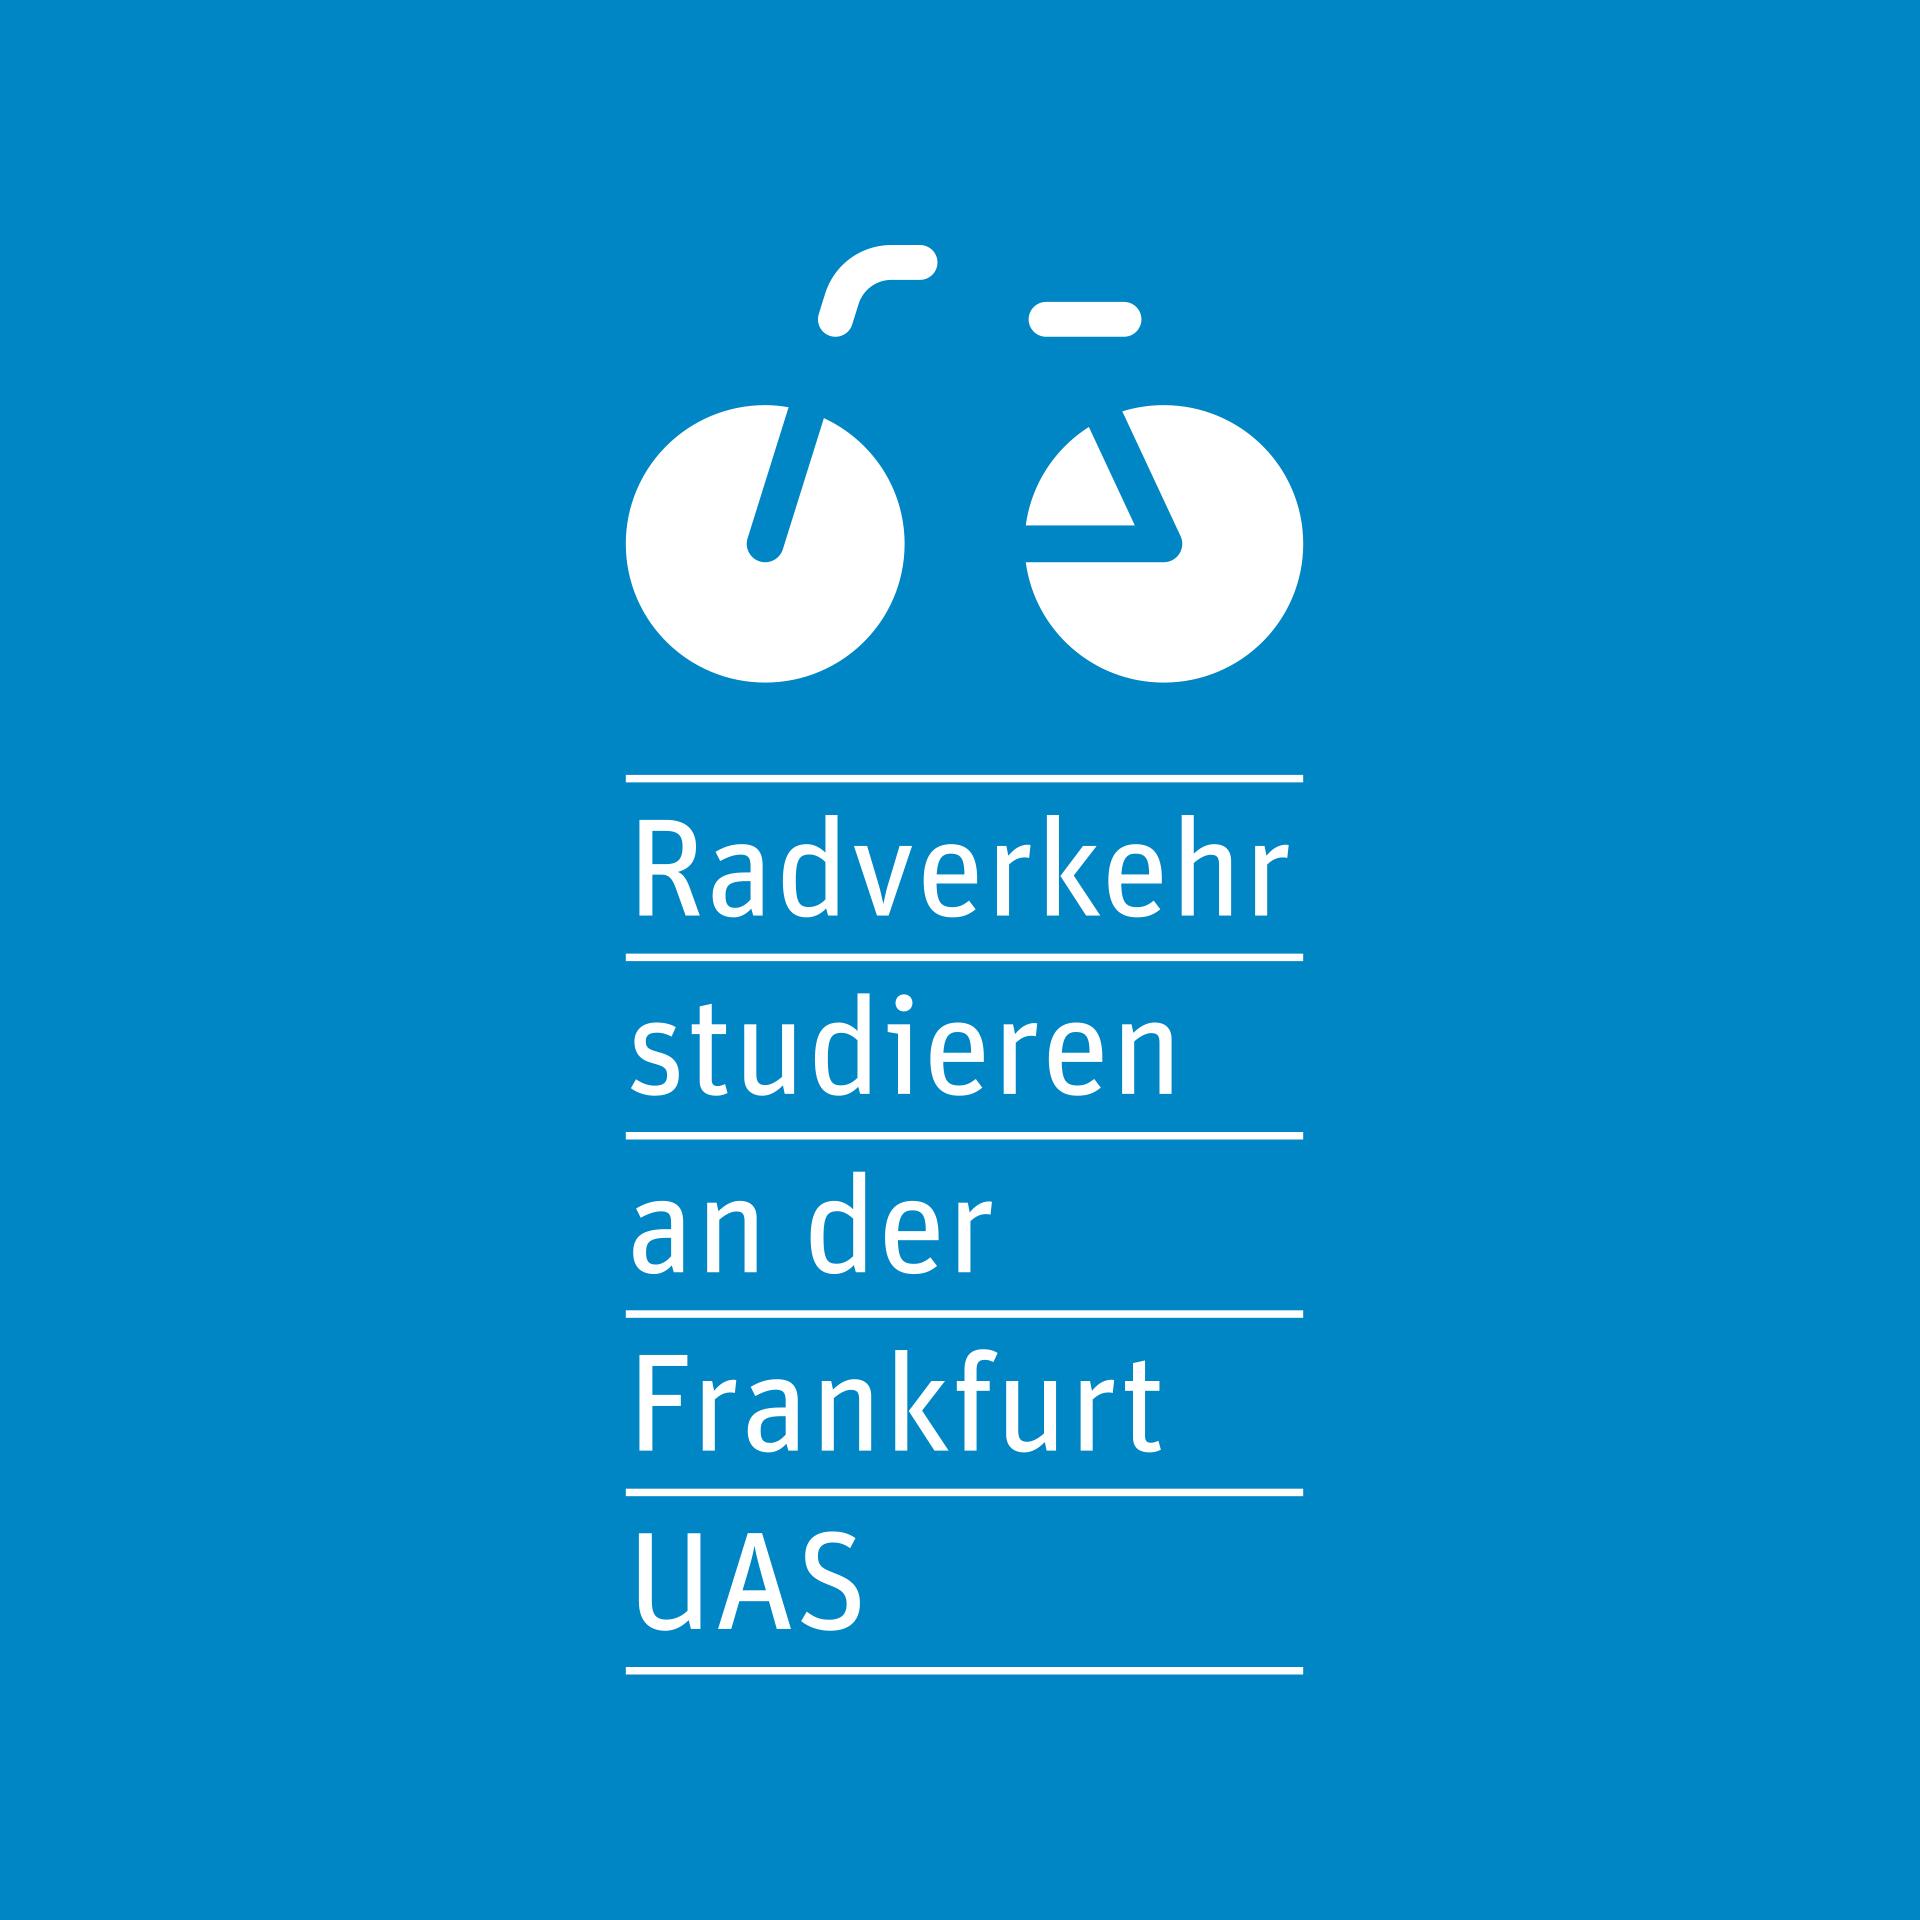 Radverkehr-Frankfurt-UAS-Buero-Ink-01-6